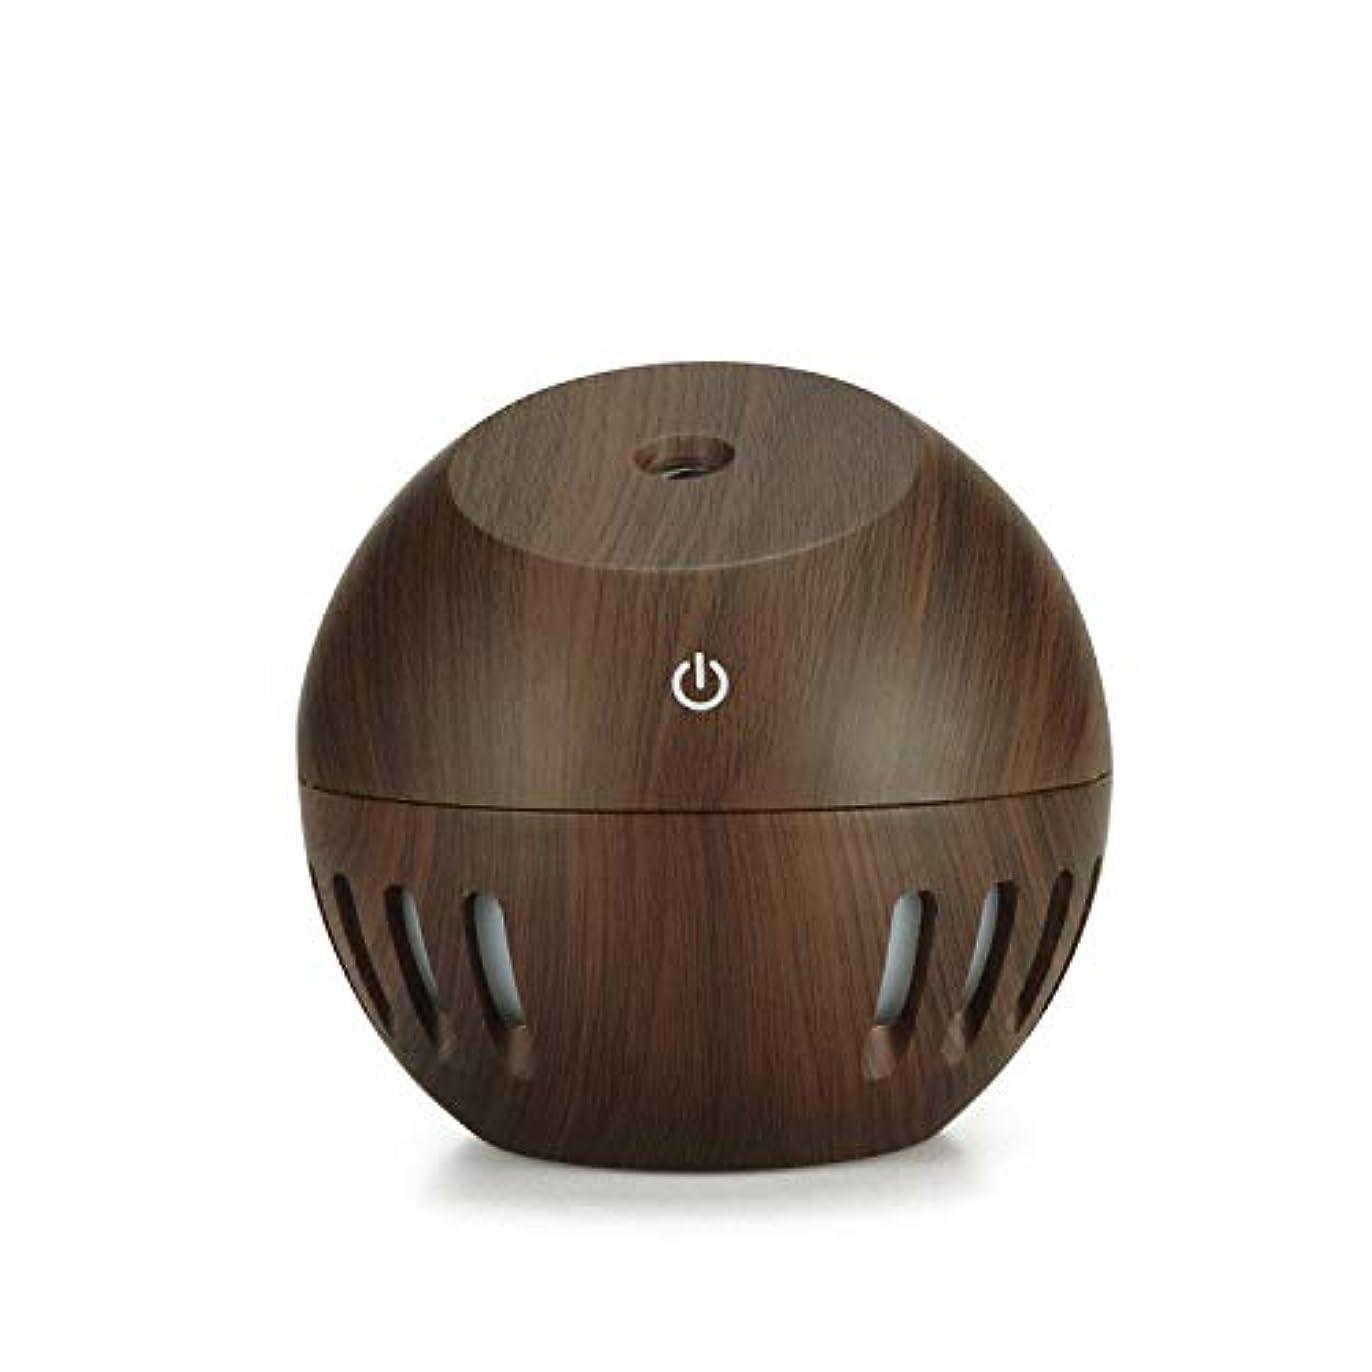 意図的外国人スポーツ130ml Essential Oils Diffuser Electric Cool Mist Aroma Diffuser For Home, Yoga, Bedroom